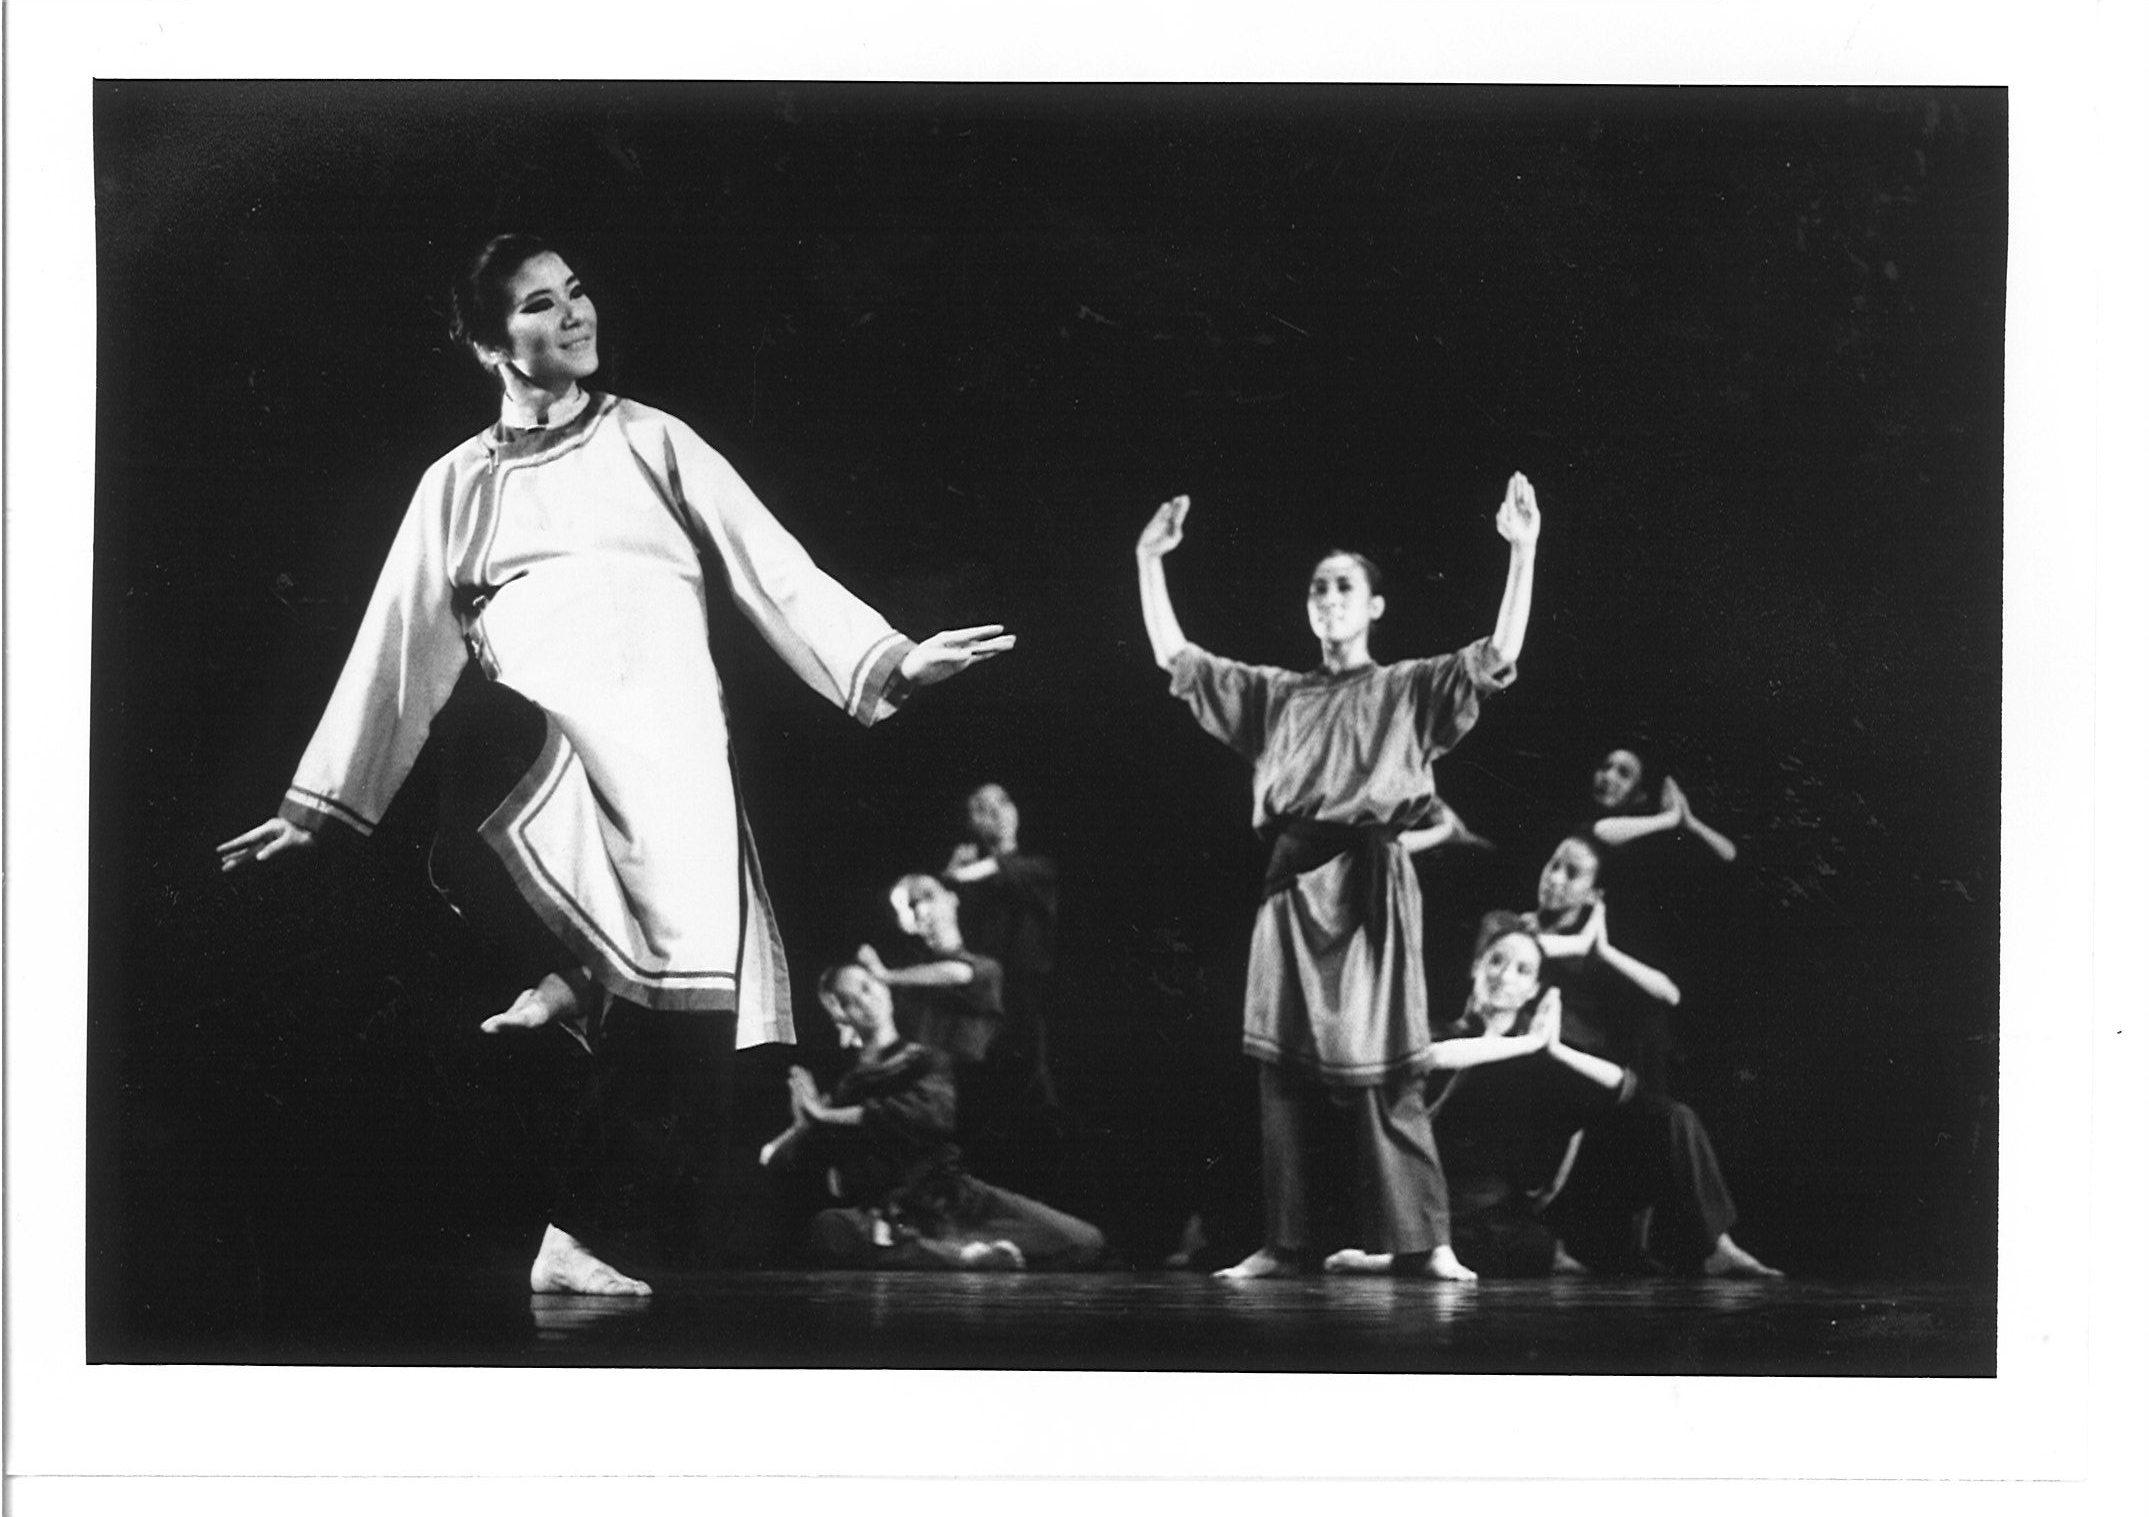 1986 國際舞蹈學院舞蹈節